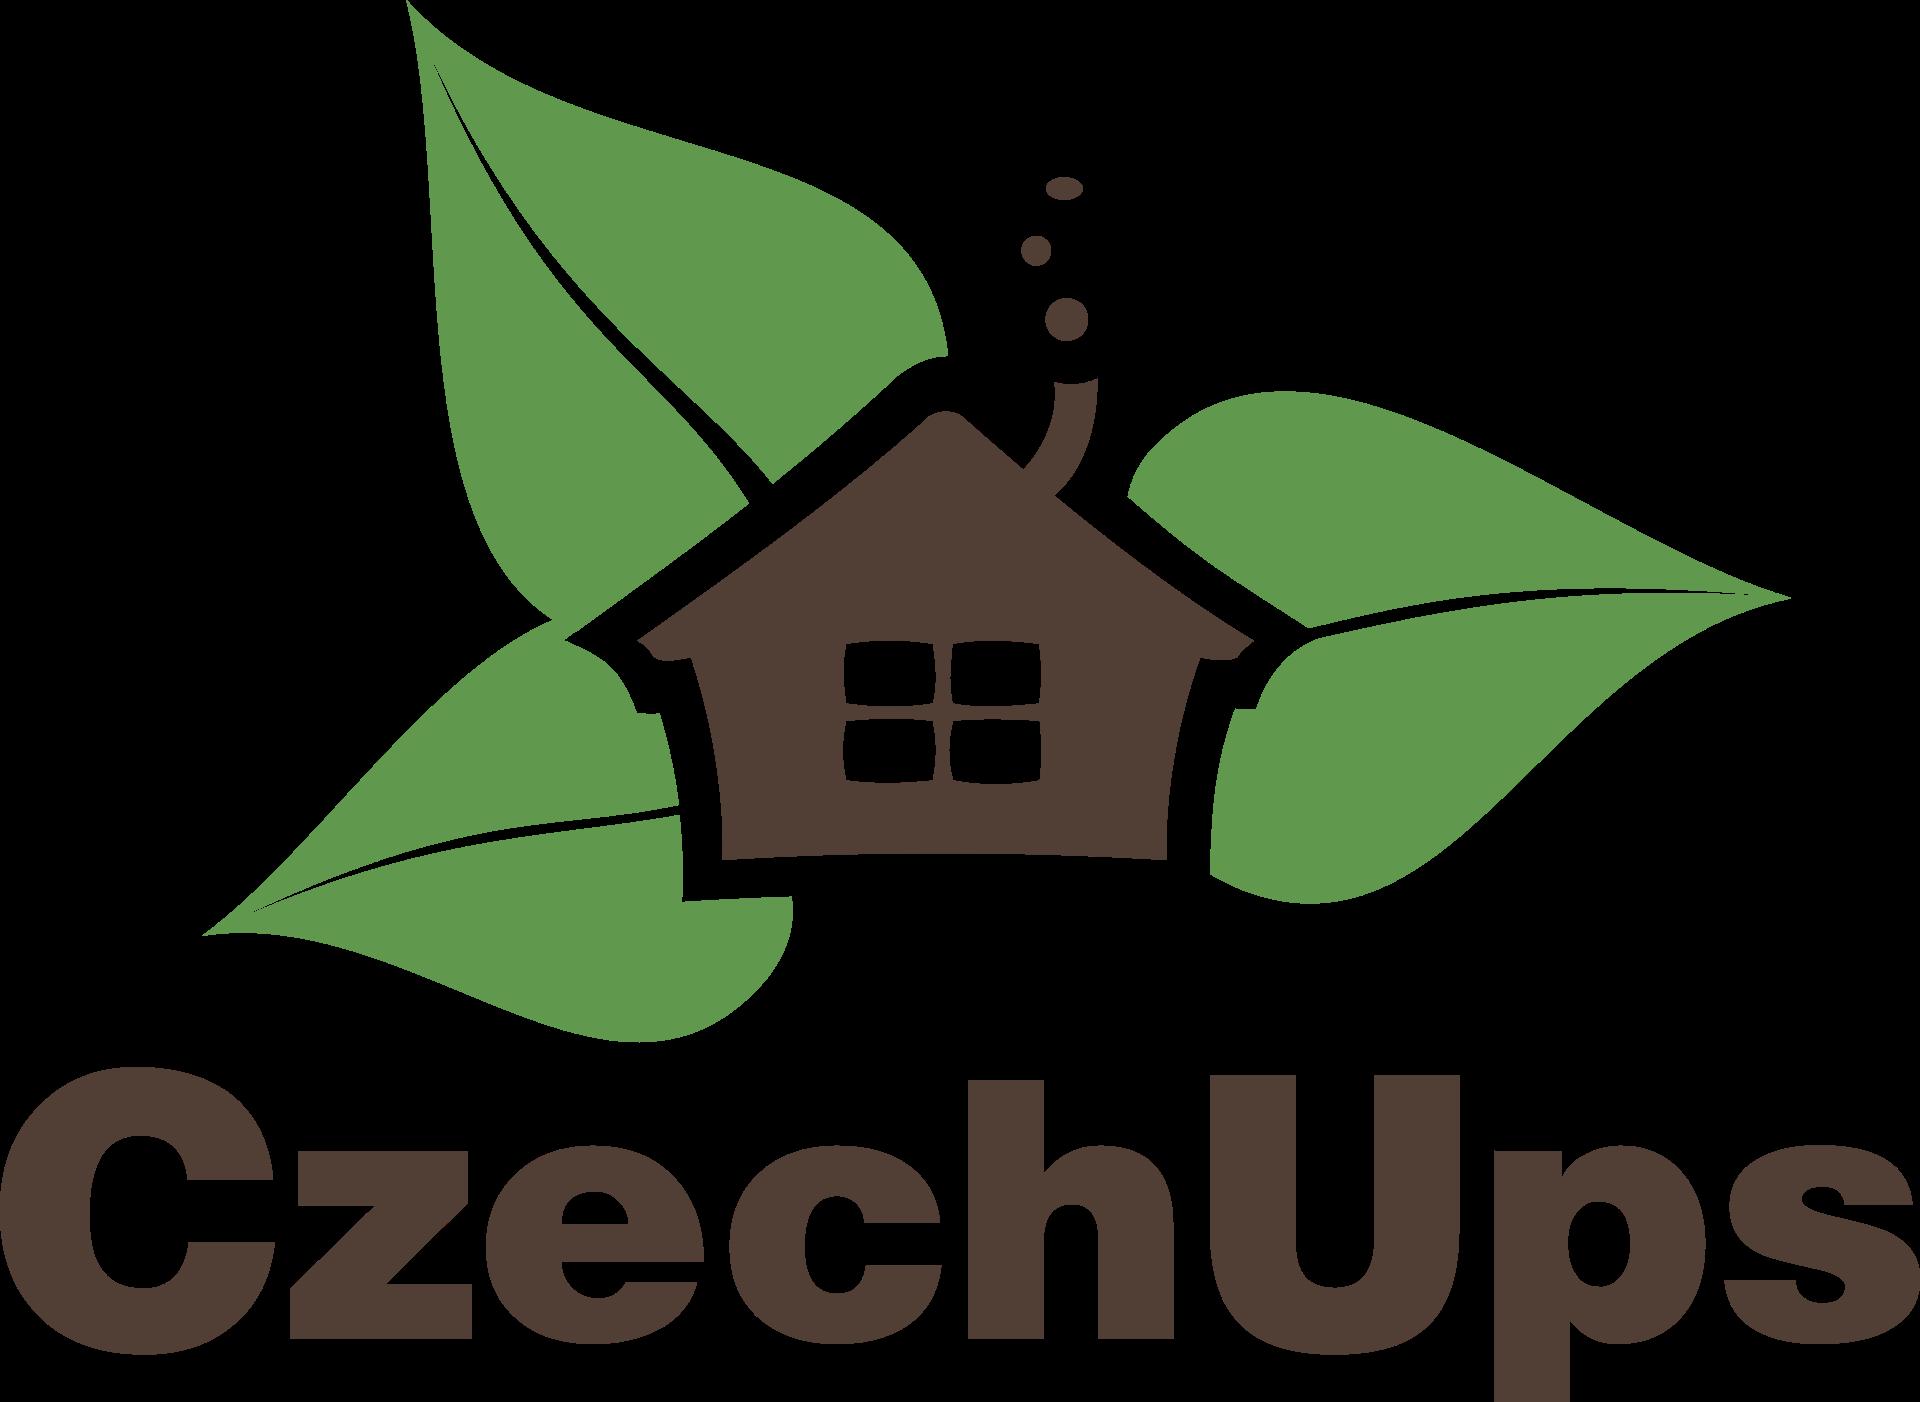 CzechUps logo